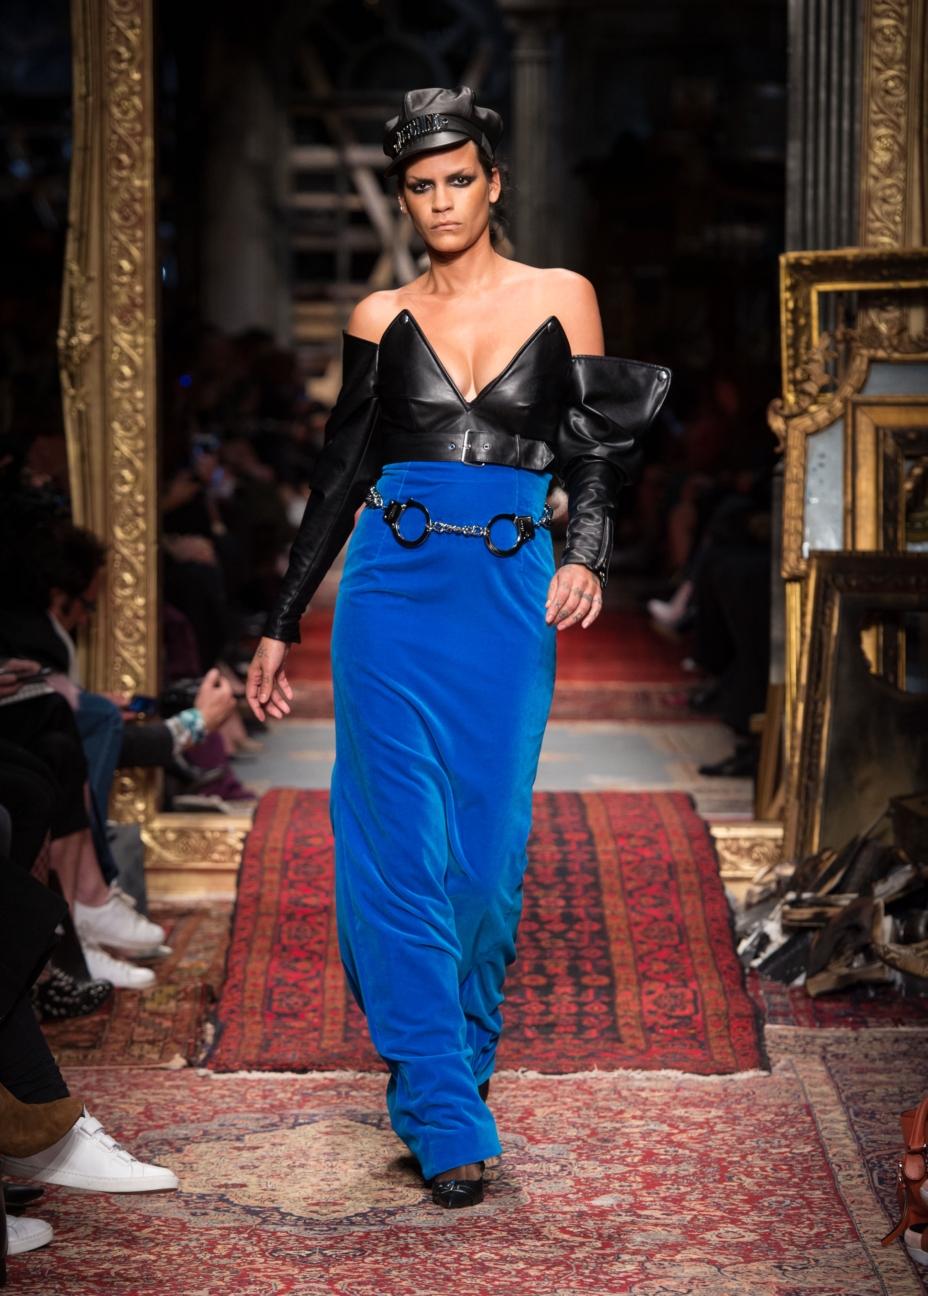 moschino-milan-fashion-week-aw-16-22